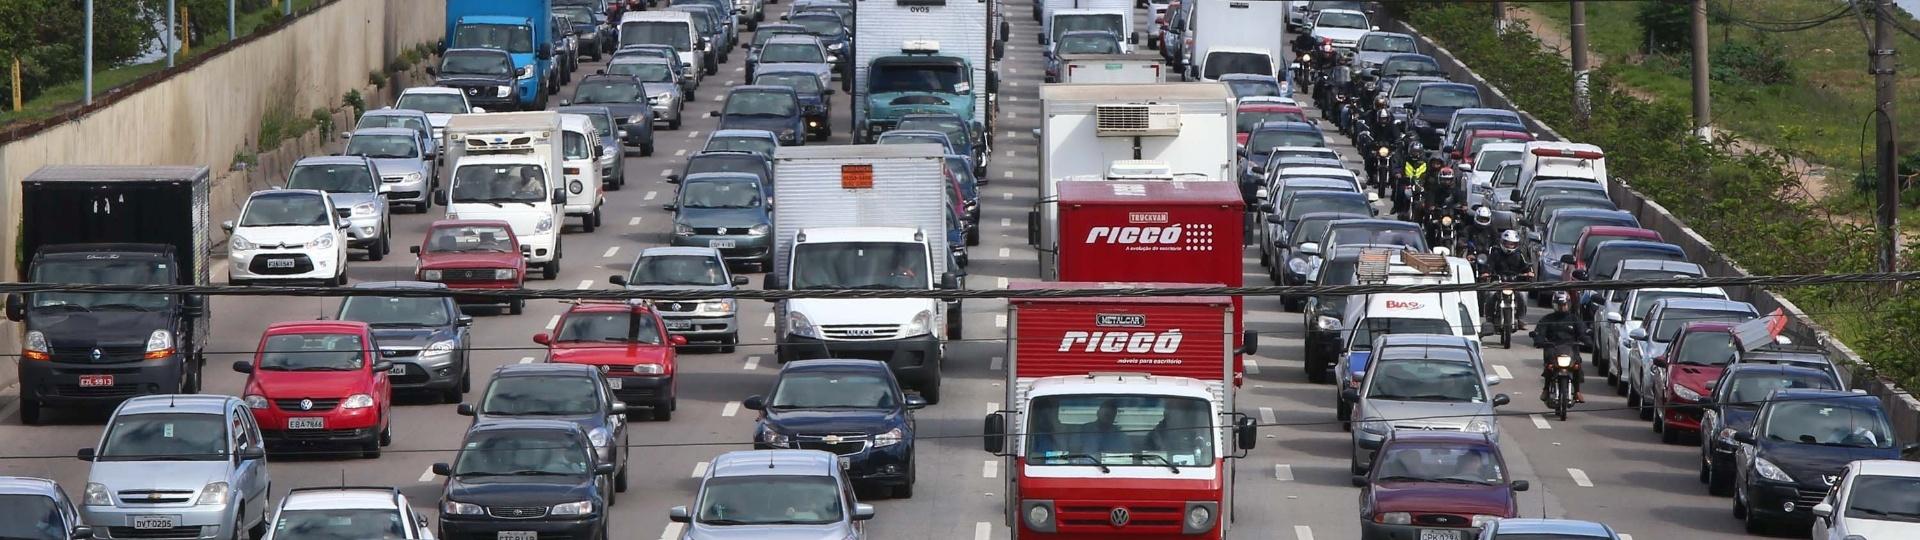 22.set.2014 - Trânsito intenso na marginal Pinheiros, na altura da ponte Cidade Universitária, na zona oeste de São Paulo. O Dia Mundial Sem Carro começou com tráfego carregado na capital paulista, com 7,8% das vias com lentidão às 7h, índice acima da média para o horário. A manhã teve trânsito intenso, com congestionamento alcançando 11,3% das vias monitoradas pela CET (Companhia de Engenharia de Tráfego) às 8h30. A marginal Pinheiros registrava quase 5 km de lentidão no sentido Castello Branco por volta das 11h